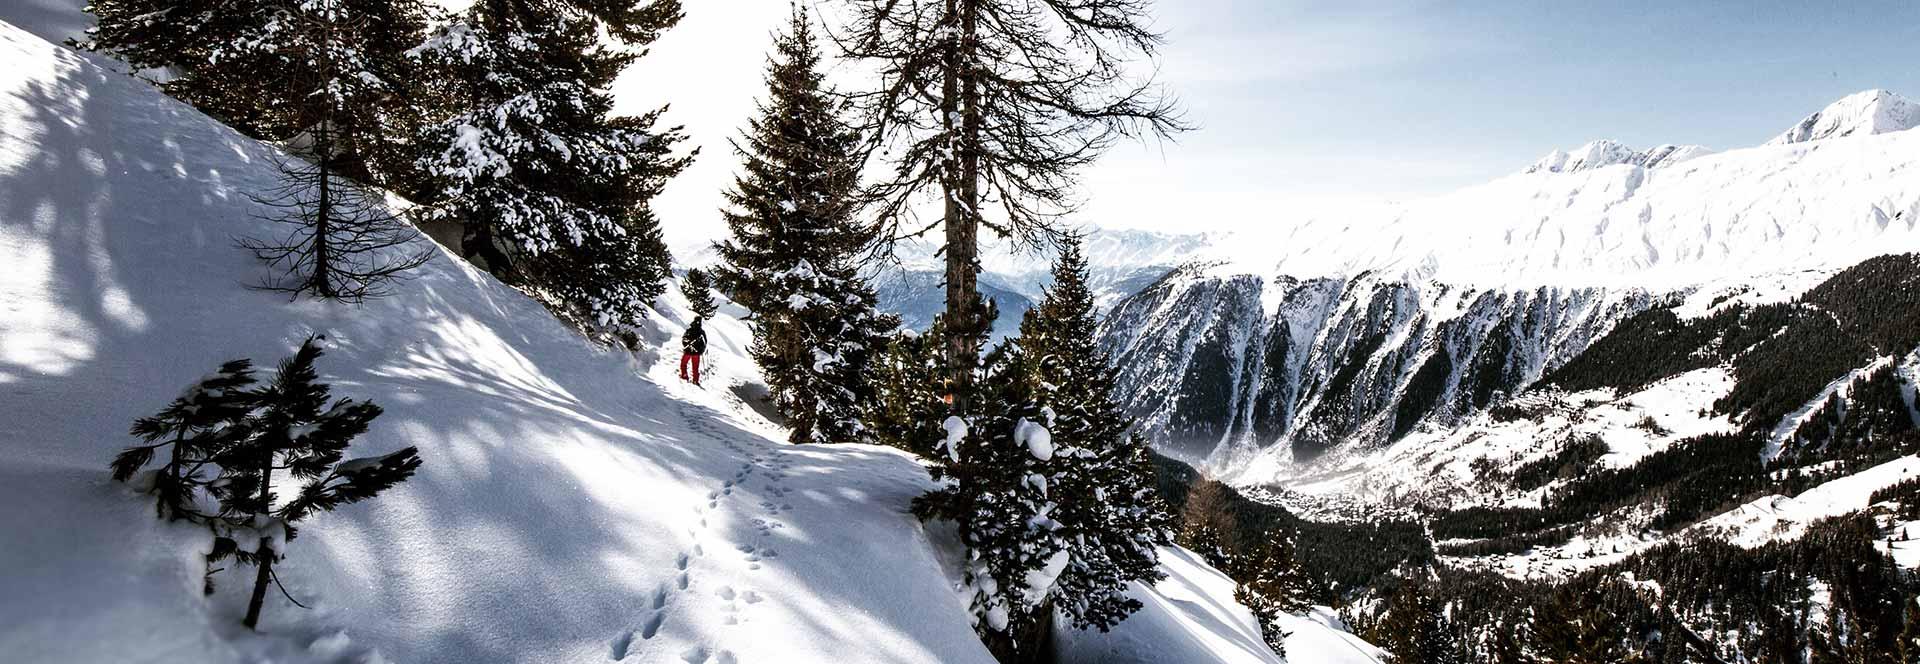 winter holidays winter sports winter holidays helping dreamers do